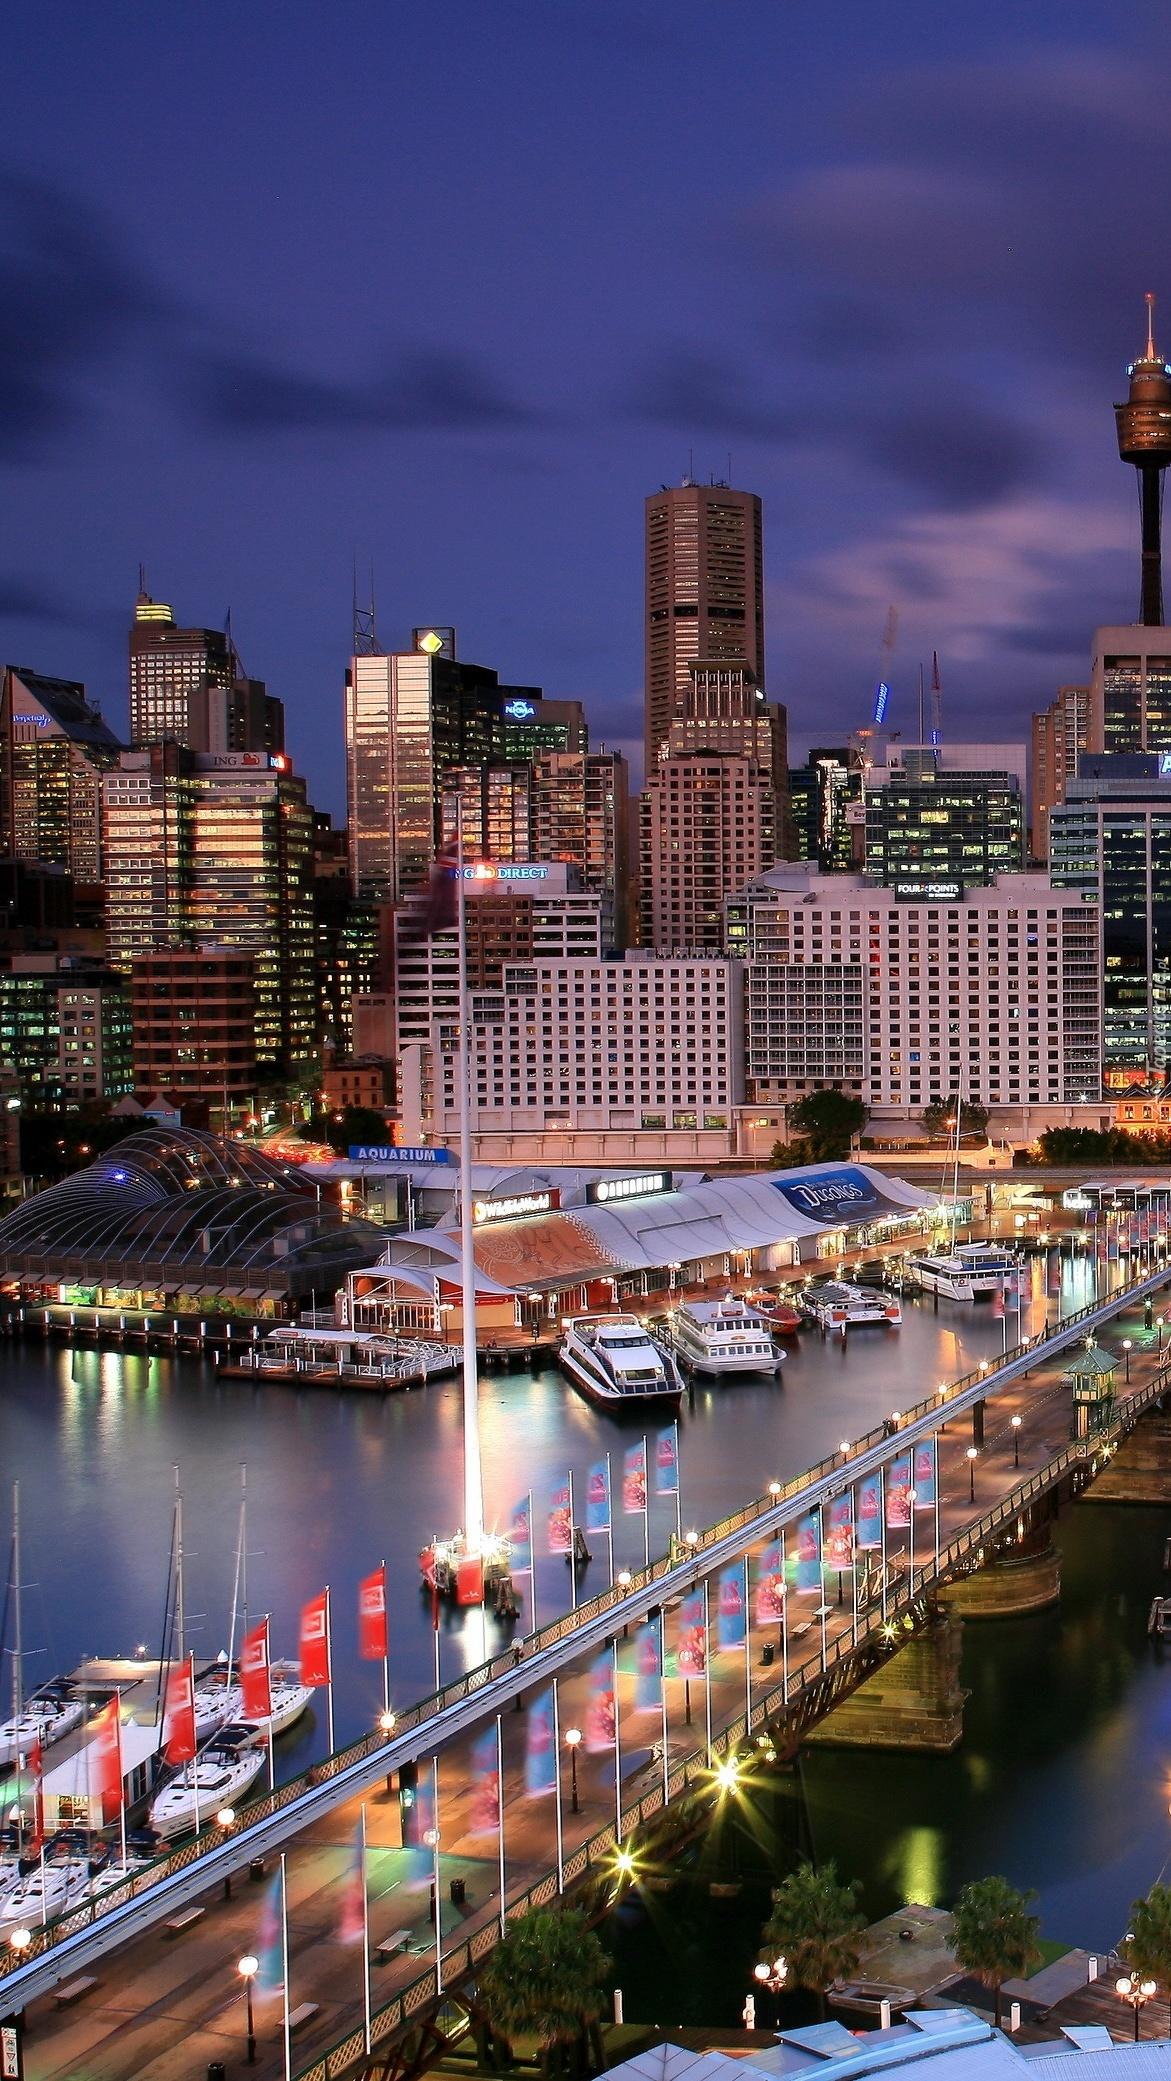 Australijskie wieżowce nad rzeką